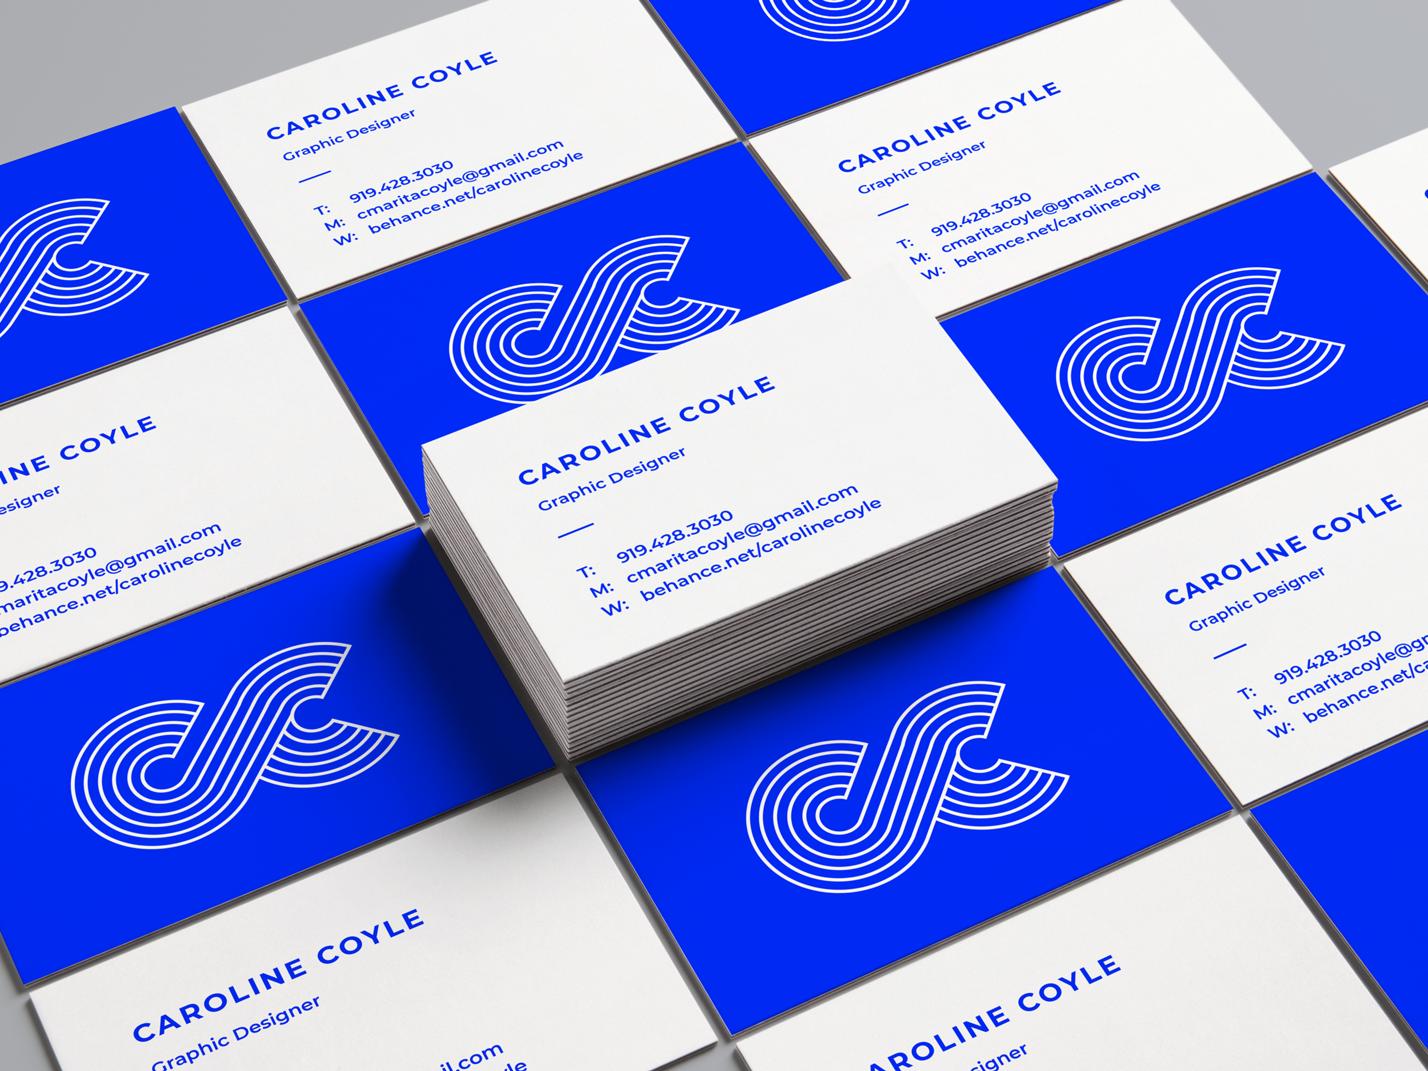 Business Card initials cc graphic designer logo print design logo design business card branding logo graphic design